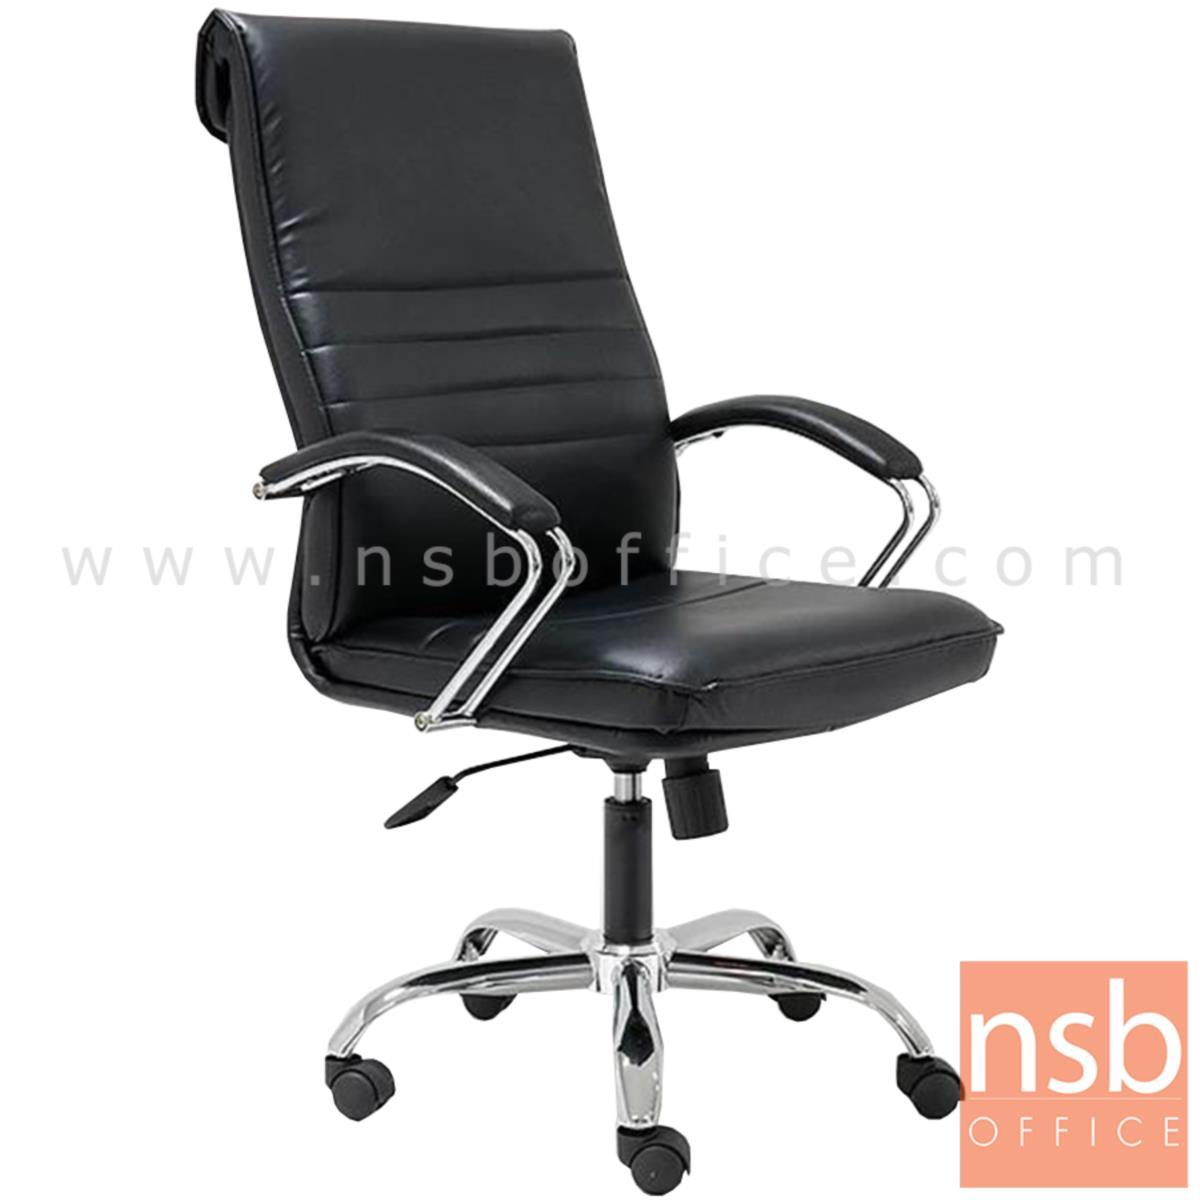 B01A235:เก้าอี้ผู้บริหาร รุ่น Reagan (เรแกน)  โช๊คแก๊ส มีก้อนโยก ขาเหล็กชุบโครเมี่ยม